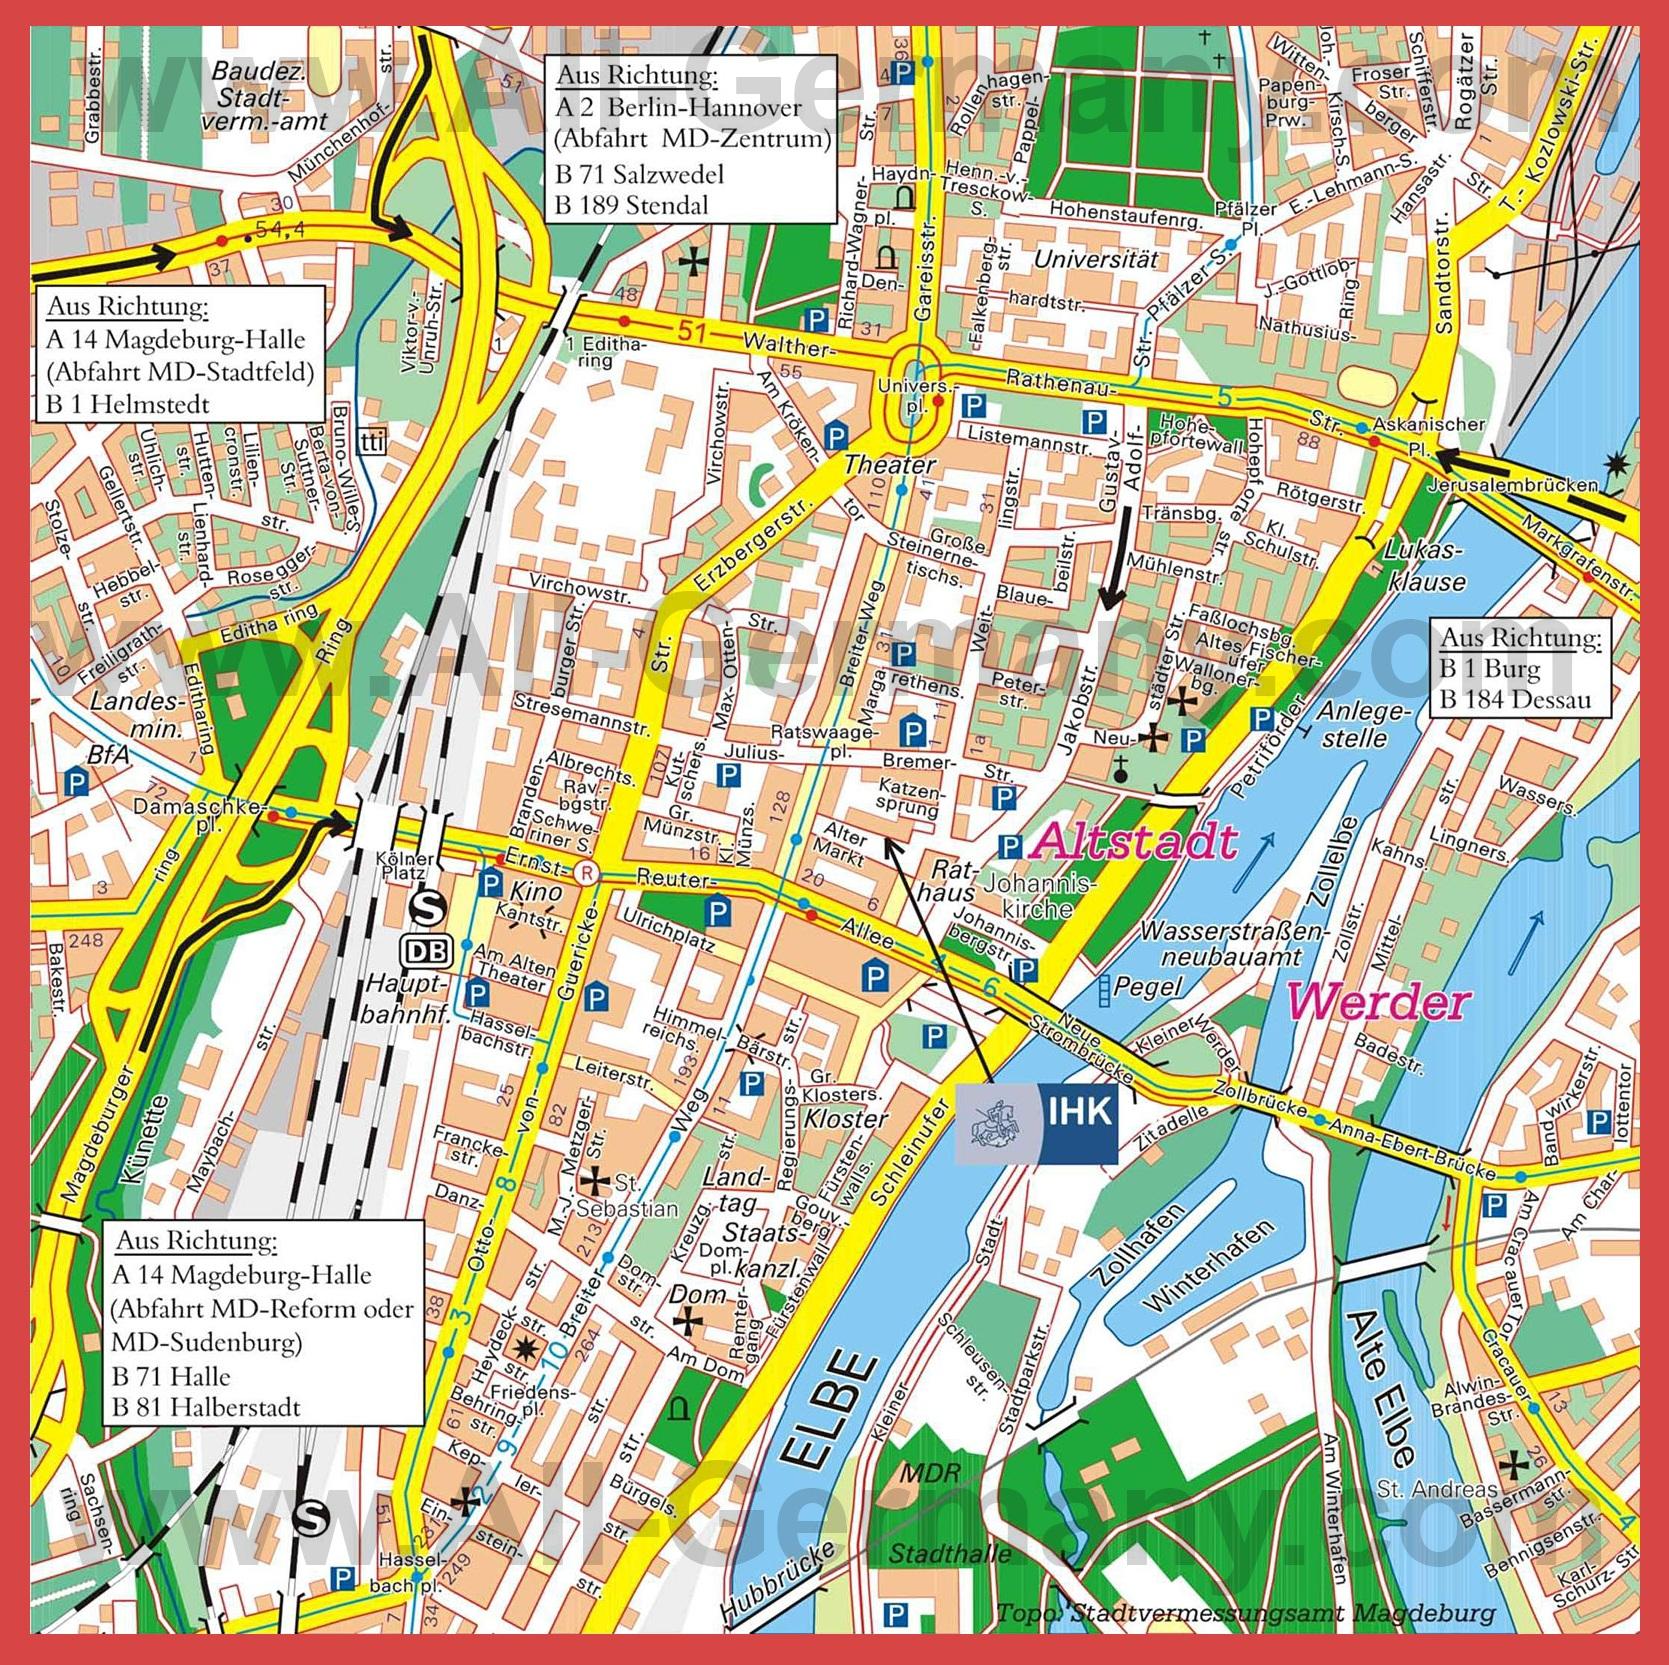 Туристическая карта магдебурга с